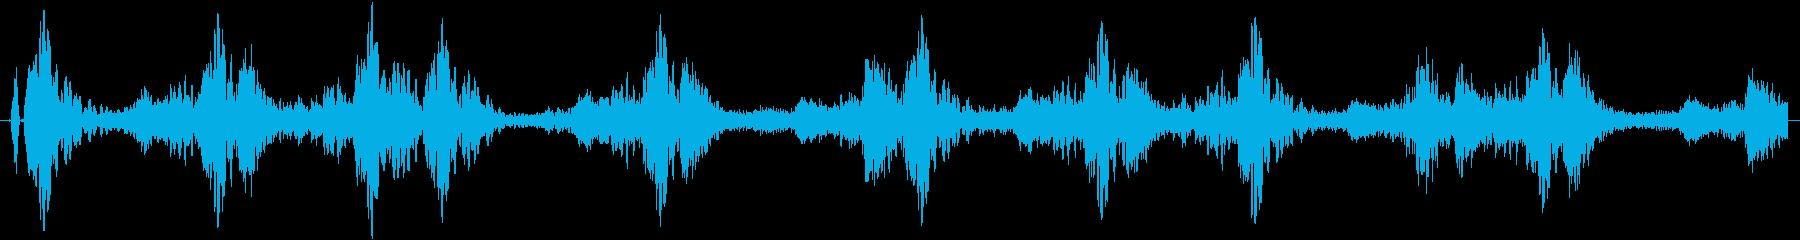 ドラムループ可能 ハイブリット系01!の再生済みの波形